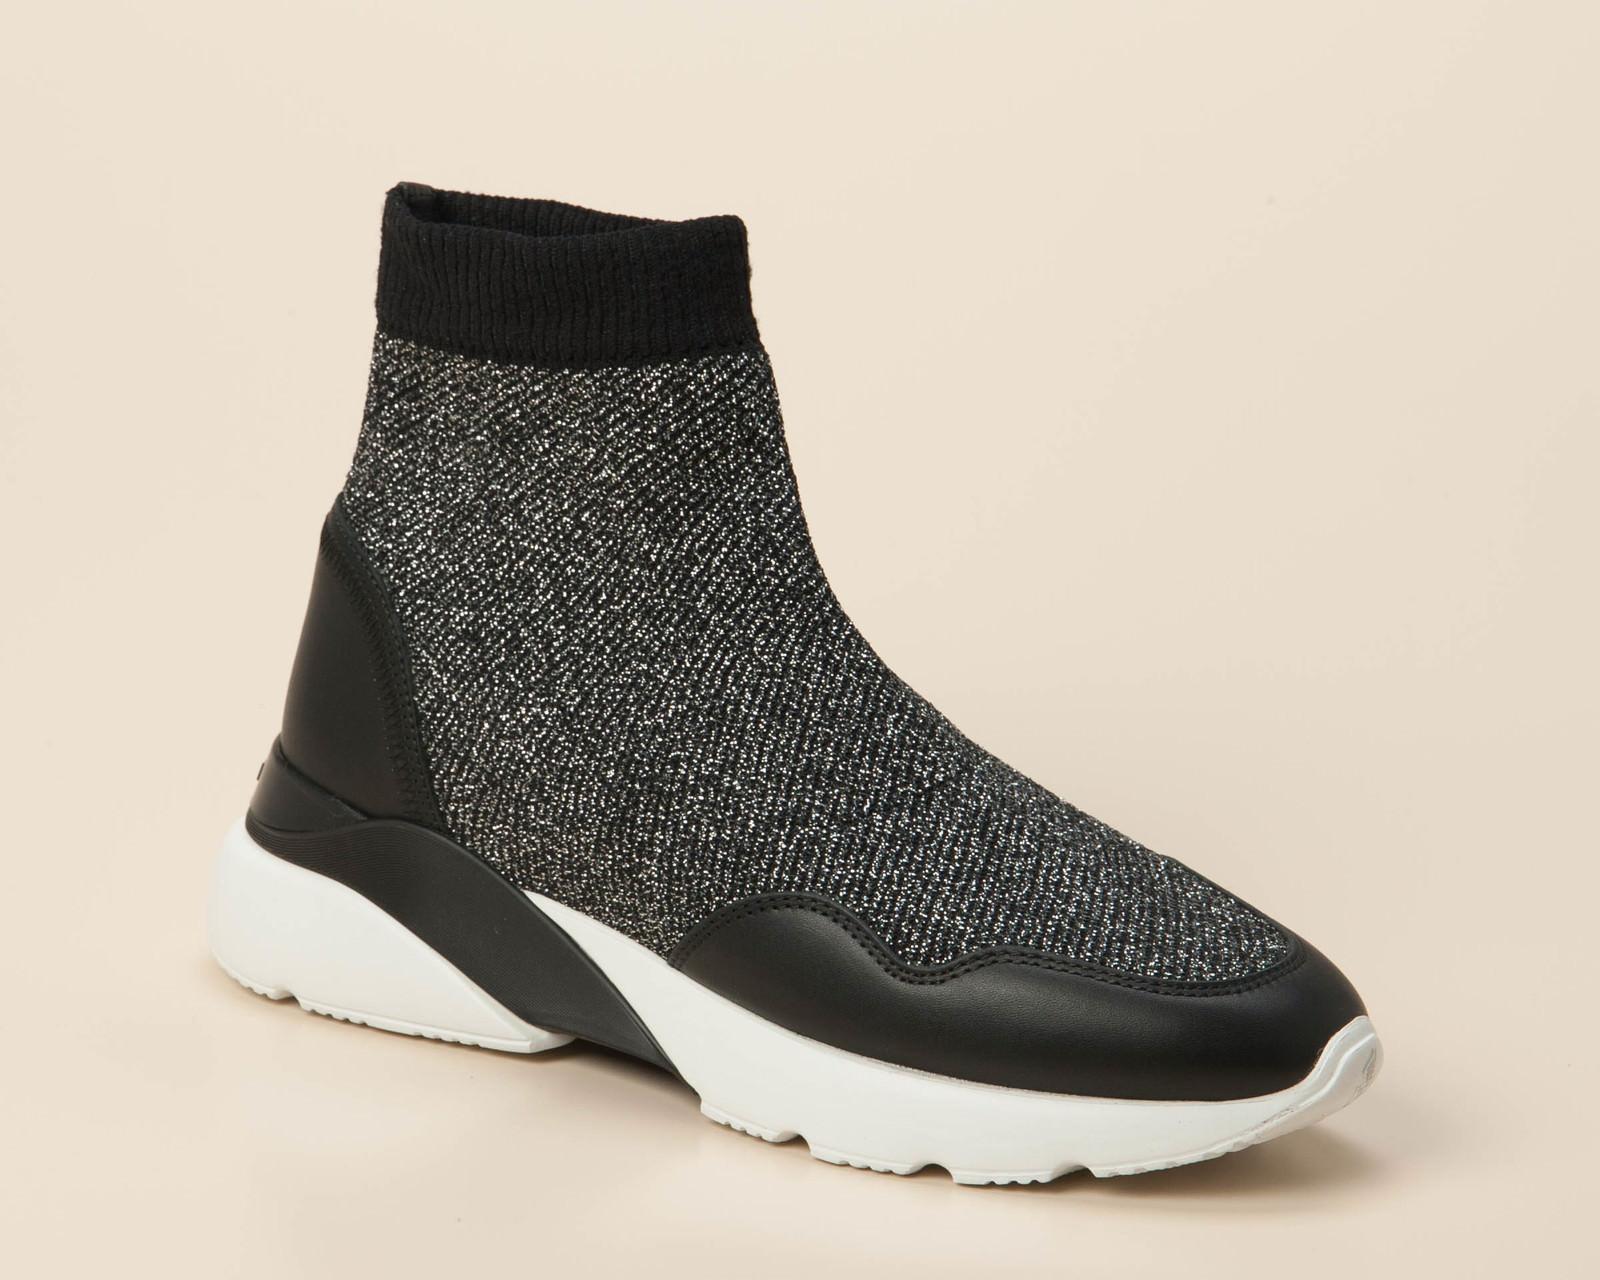 Hogan Damen Sneaker high in schwarz grau kaufen   Zumnorde Online-Shop 6854c17646